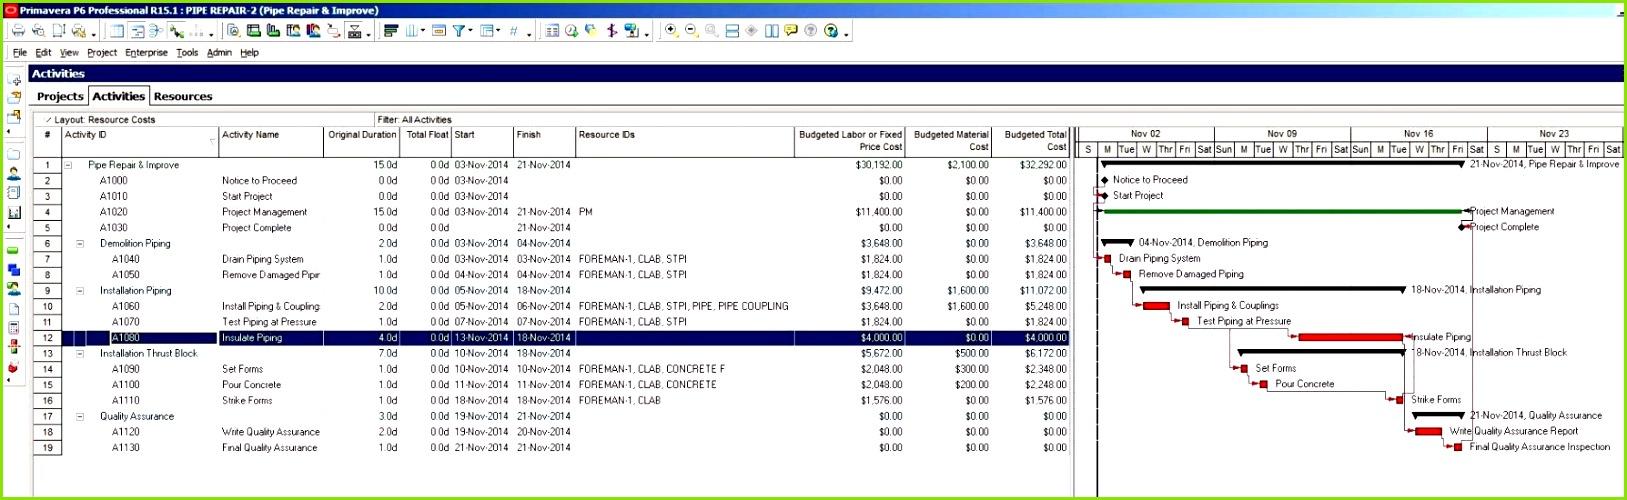 Wartungsplan Excel Vorlage Inspirierend Excel Spreadsheet Alternative Unique Neues 30 Gantt Diagramm Excel Neu Wartungsplan